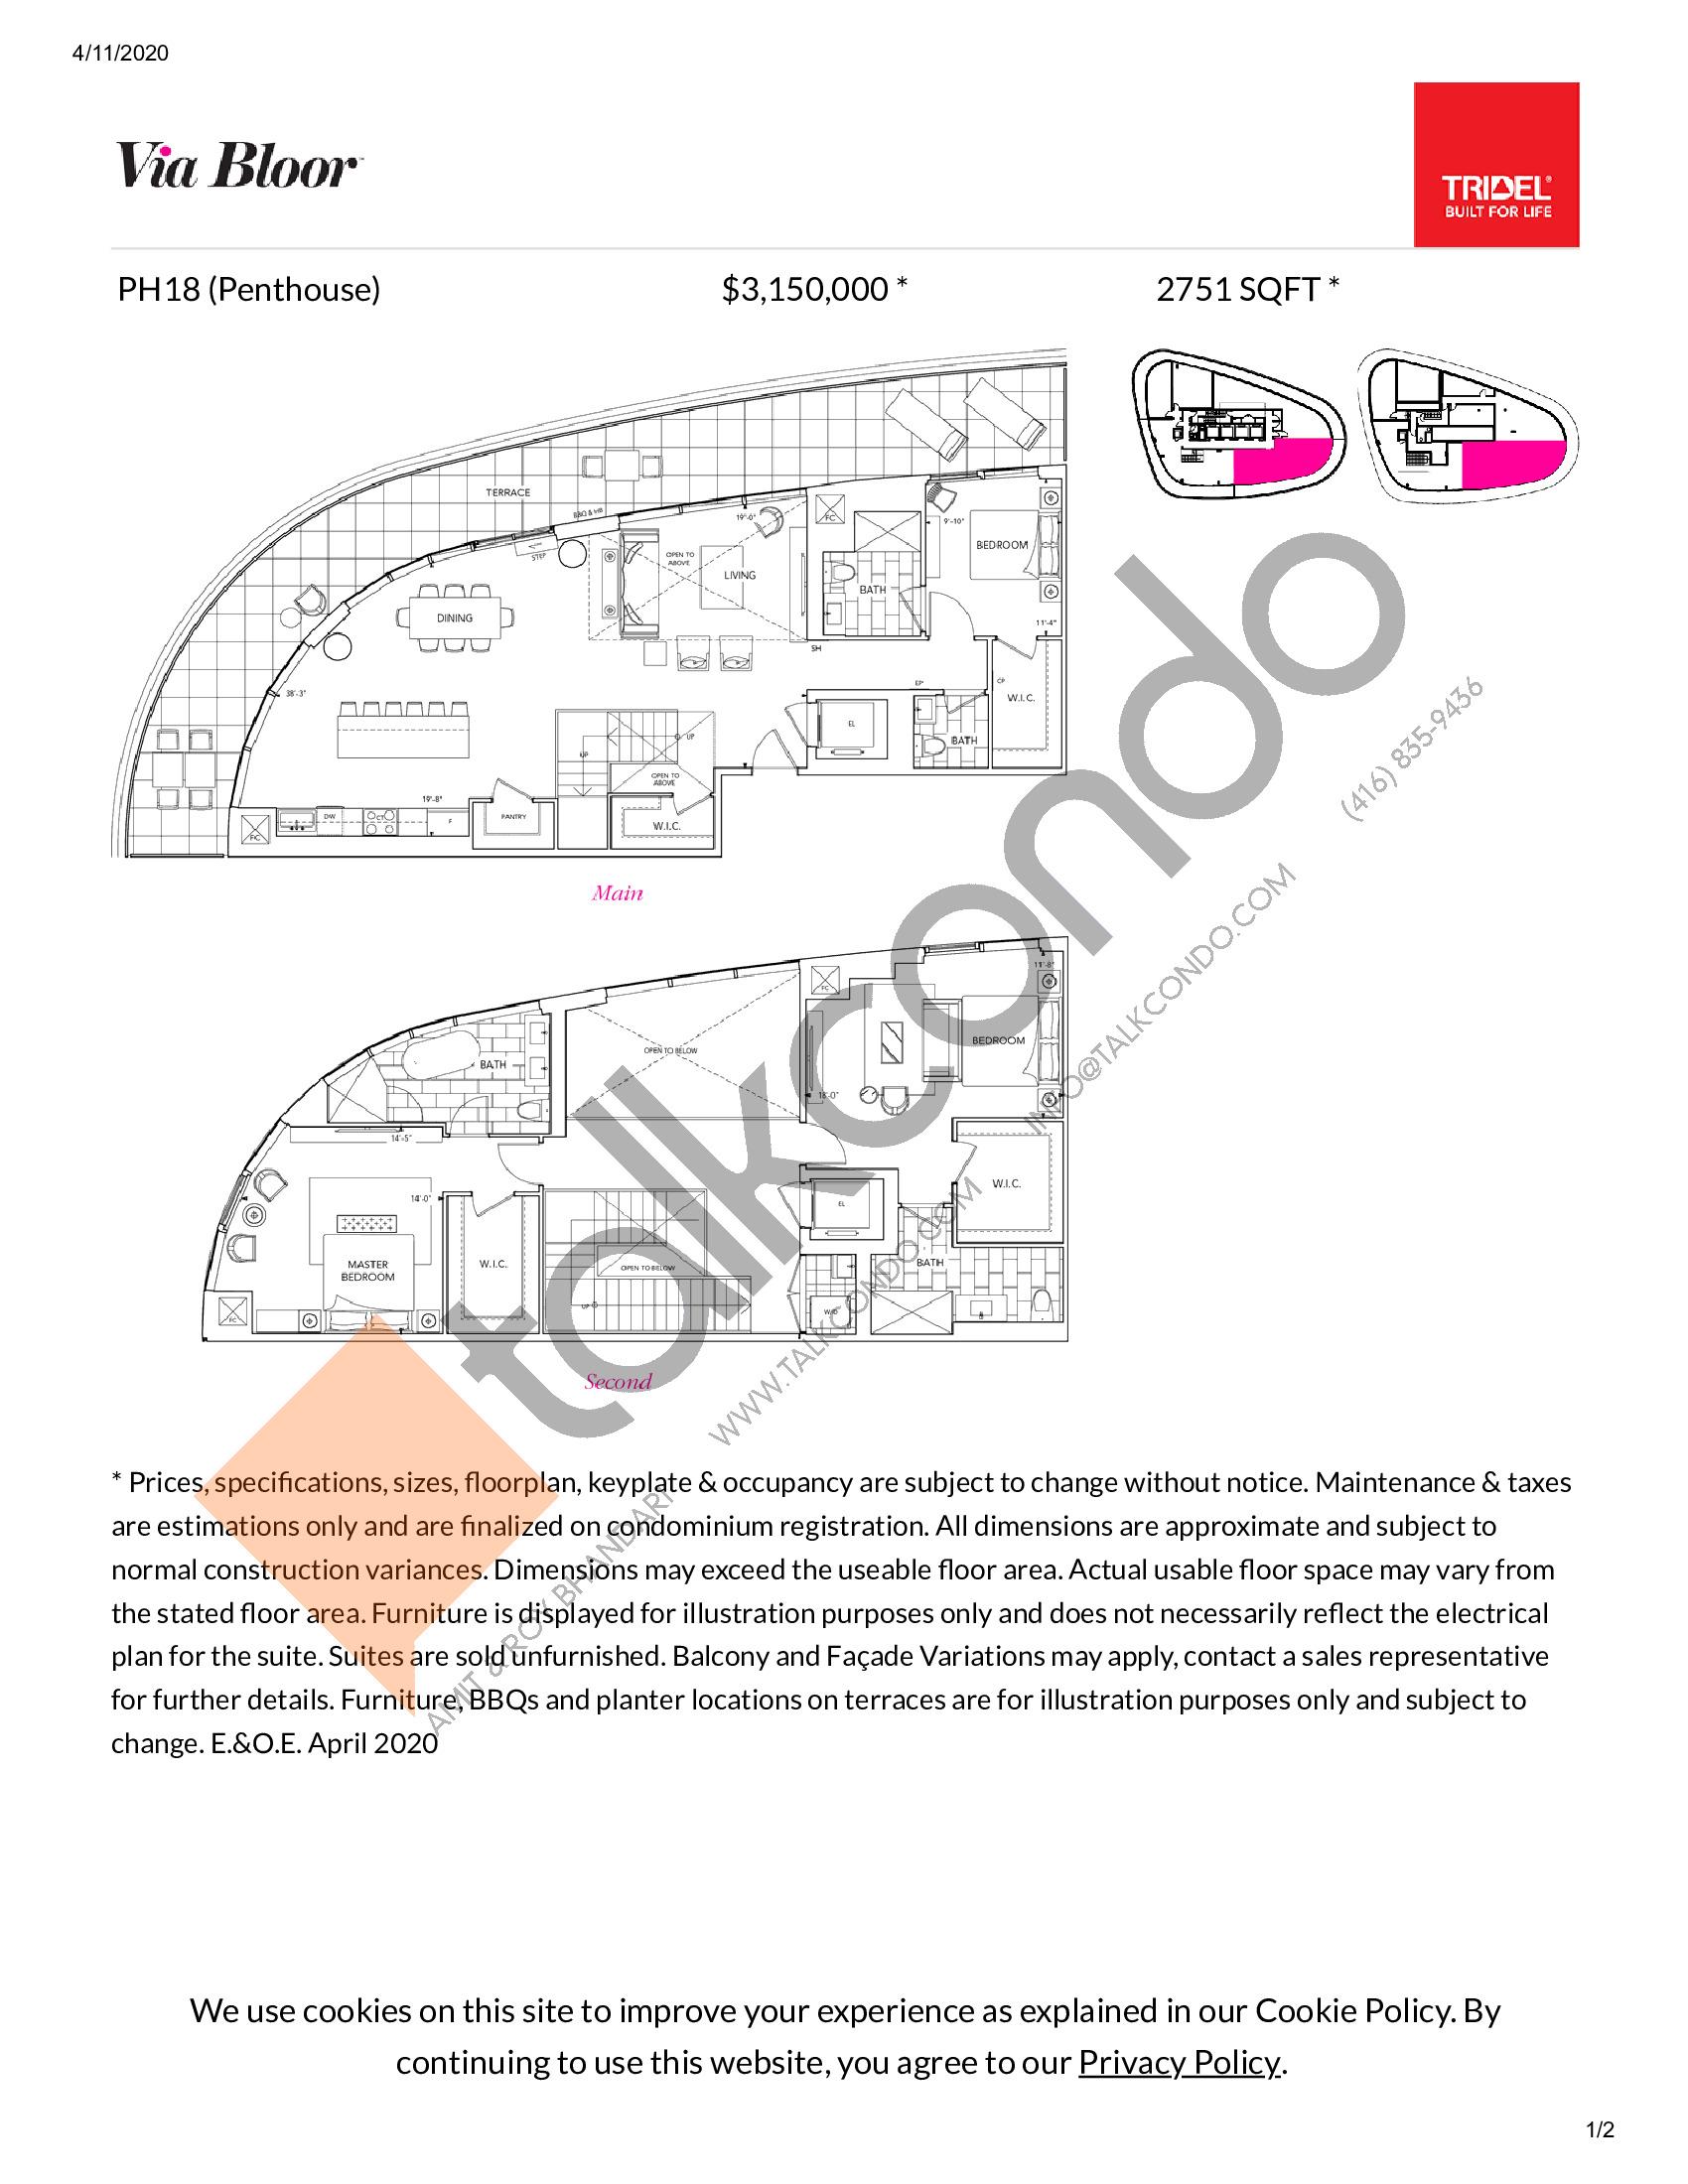 PH18 Floor Plan at Via Bloor Condos - 2751 sq.ft